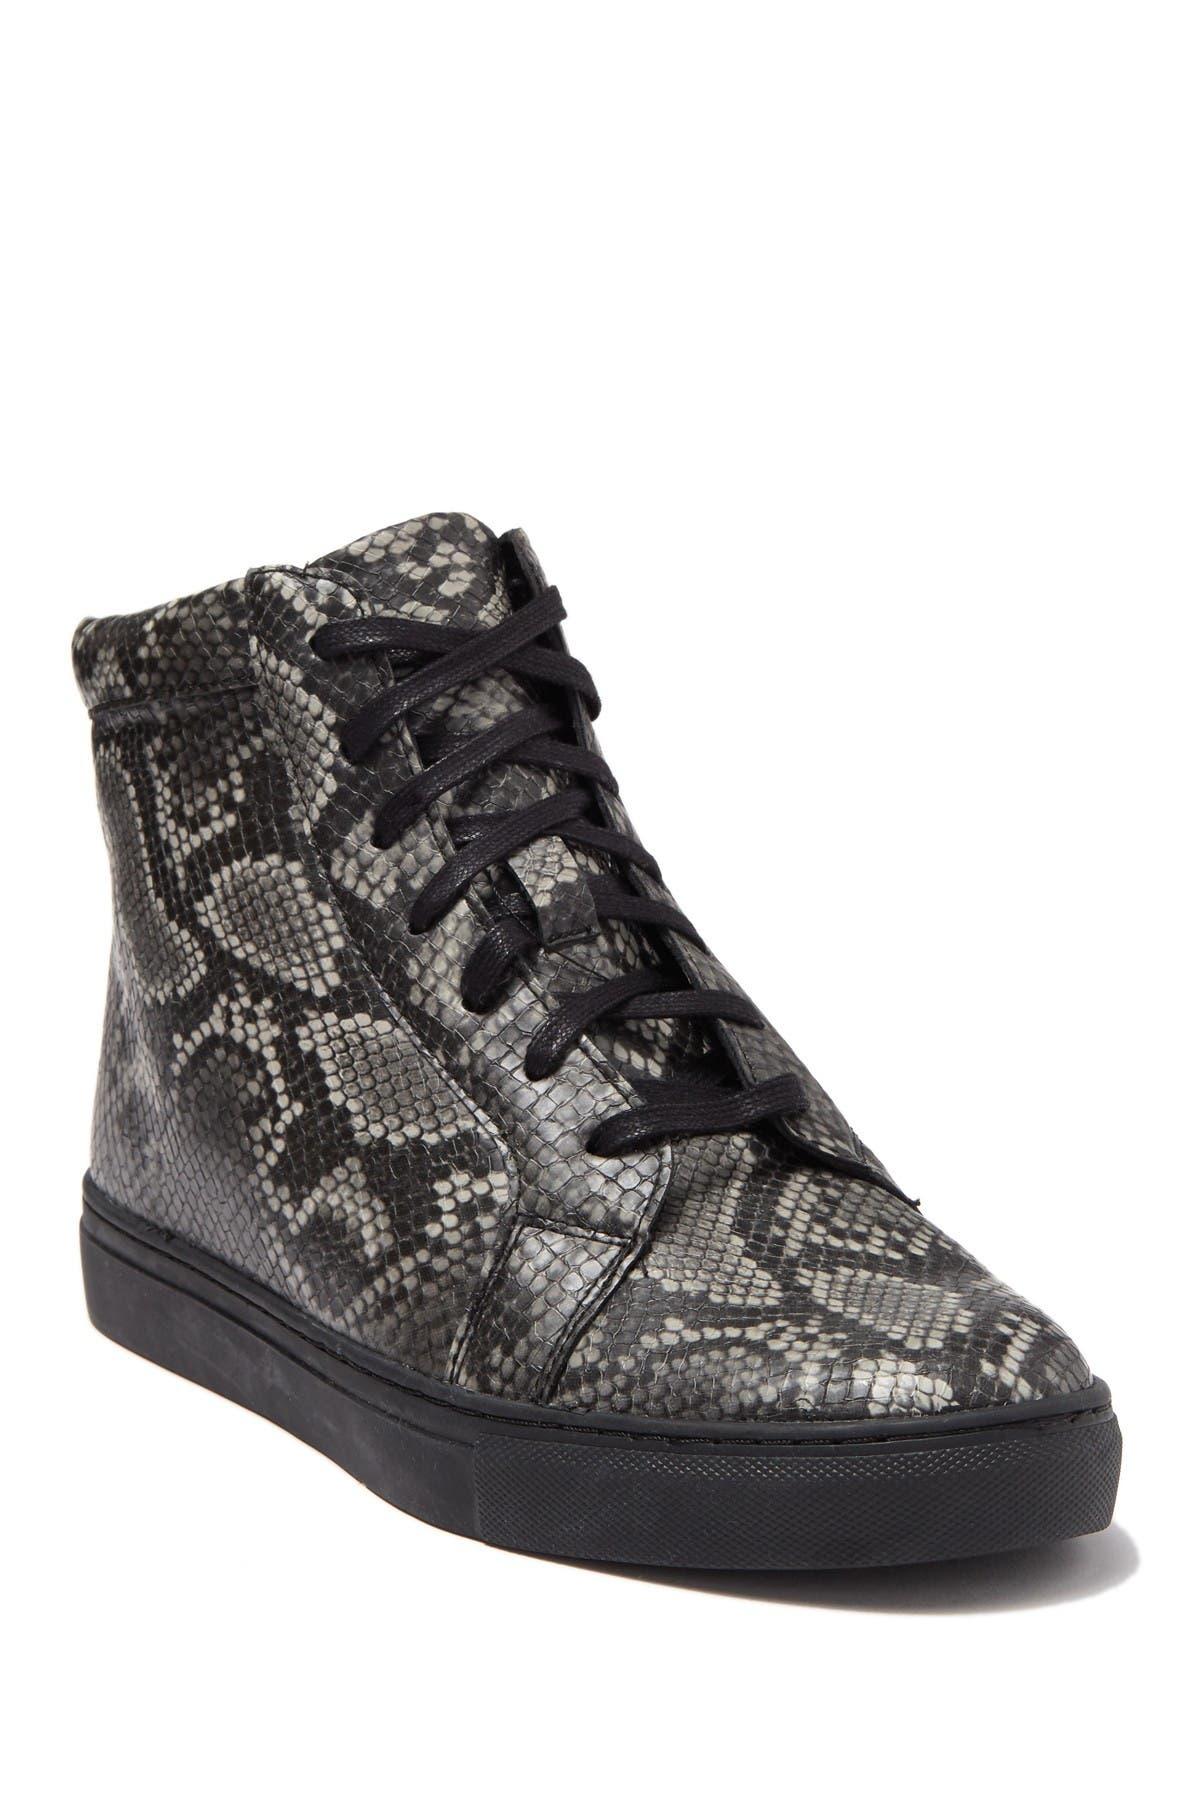 Image of MAISON FORTE Odesa Snakeskin Embossed Sneaker